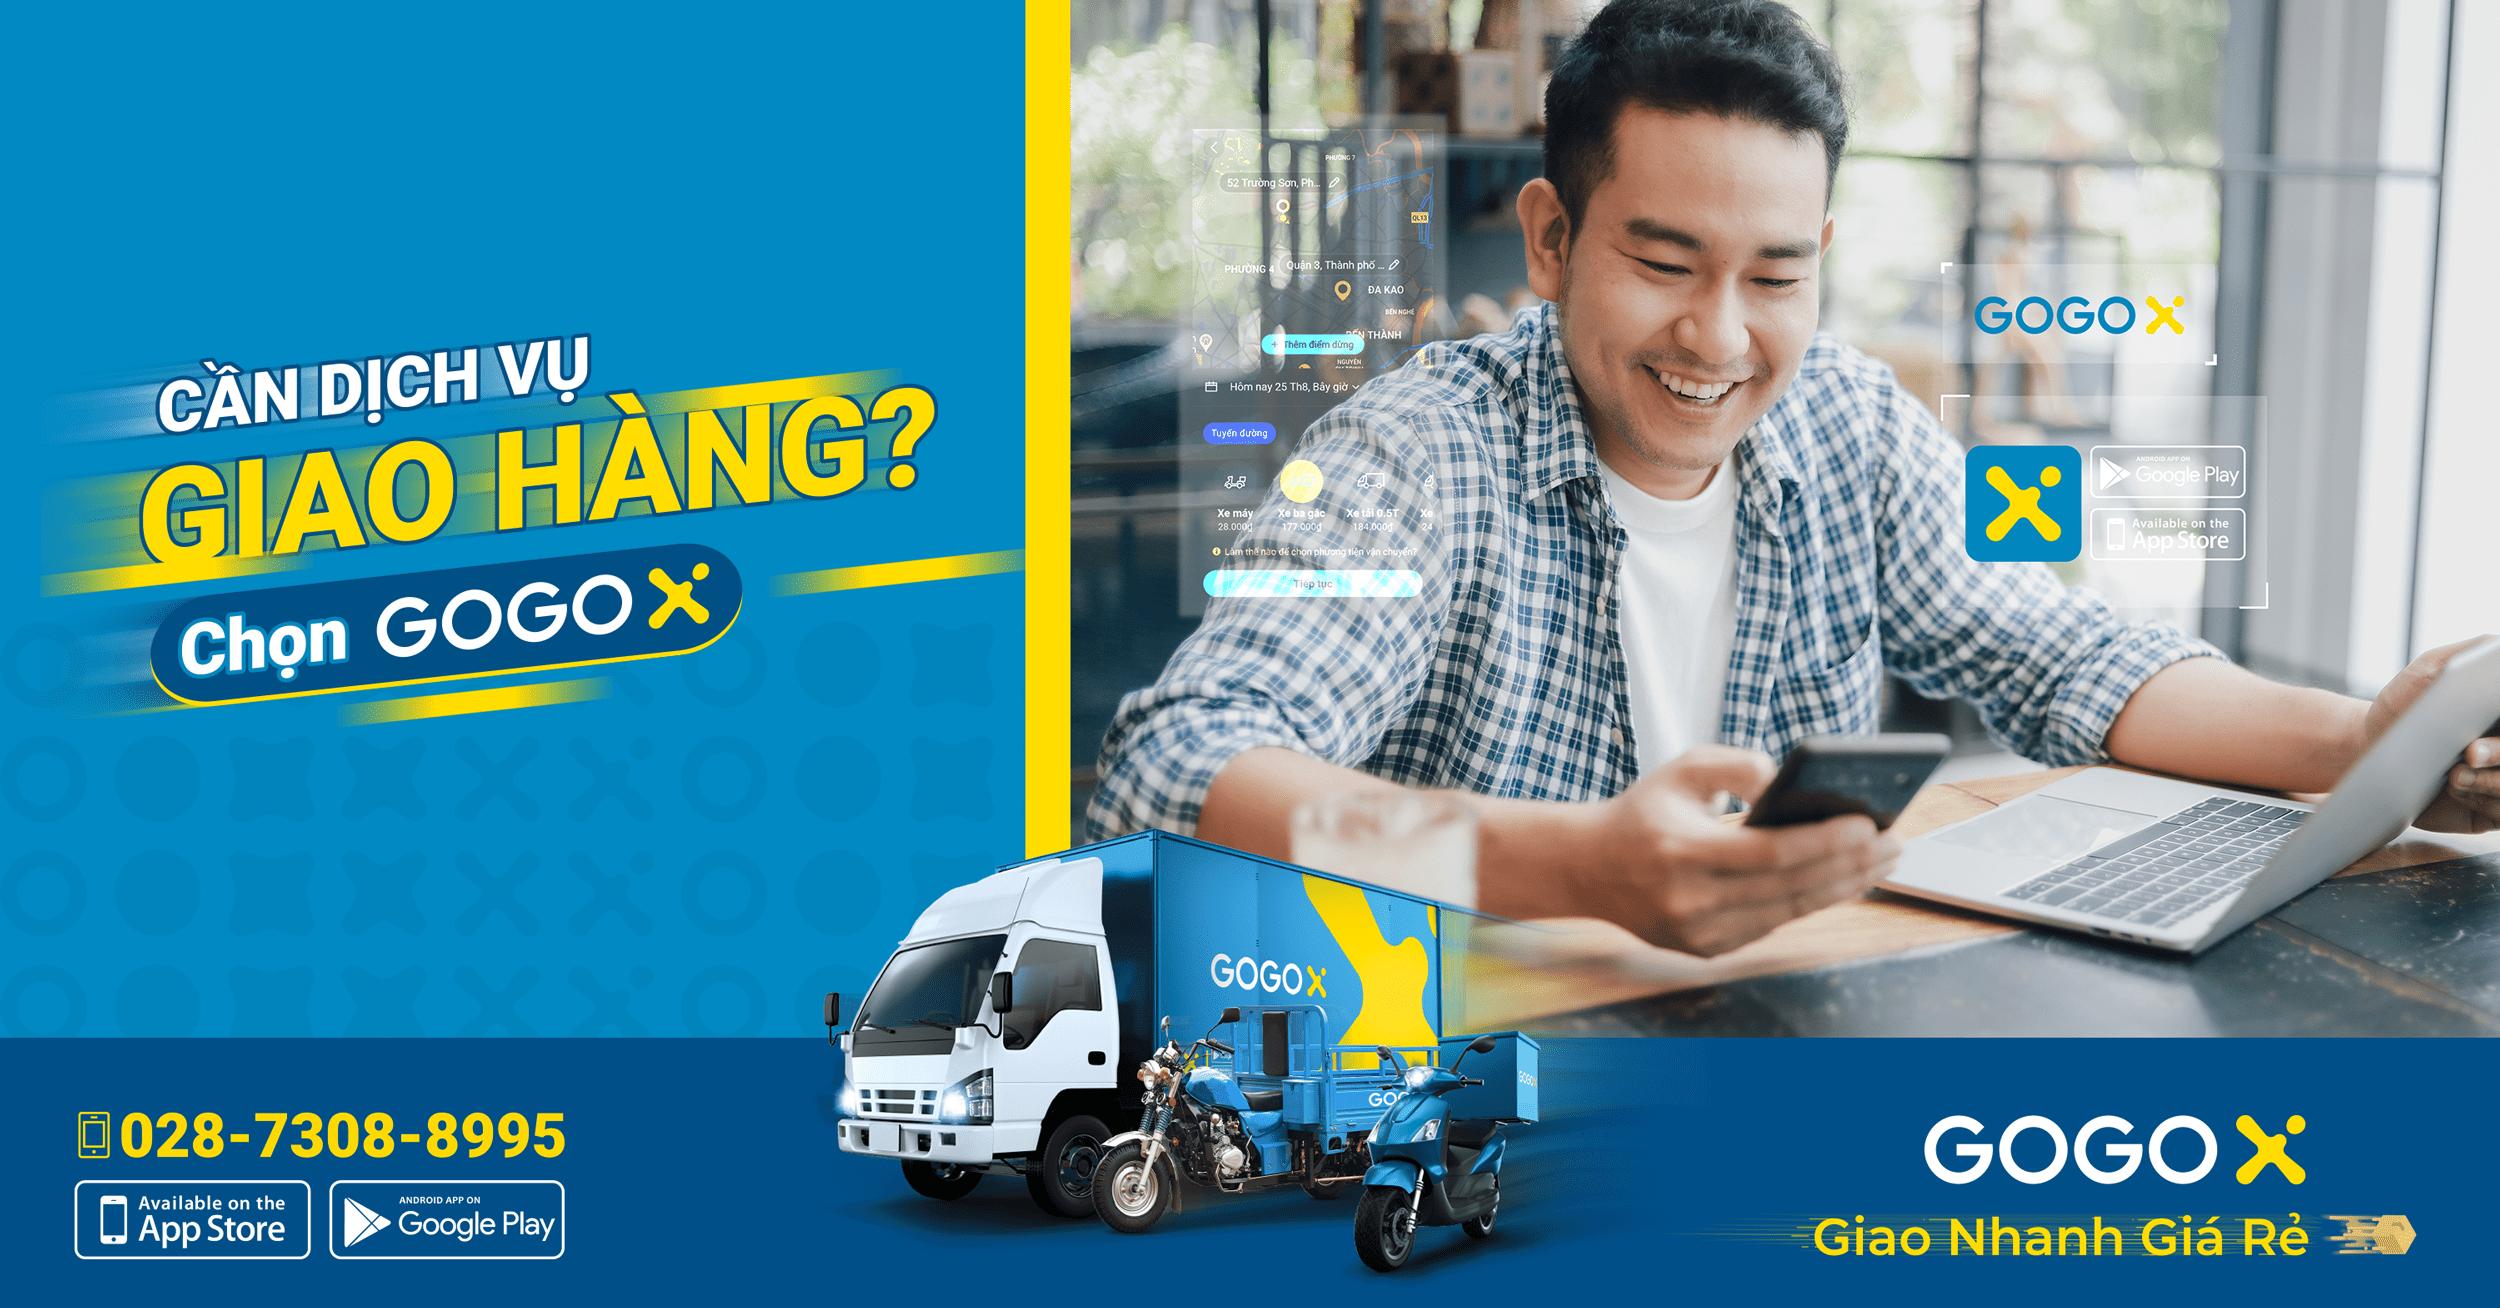 Cần Dịch vụ Giao Hàng - Chọn GOGOX!